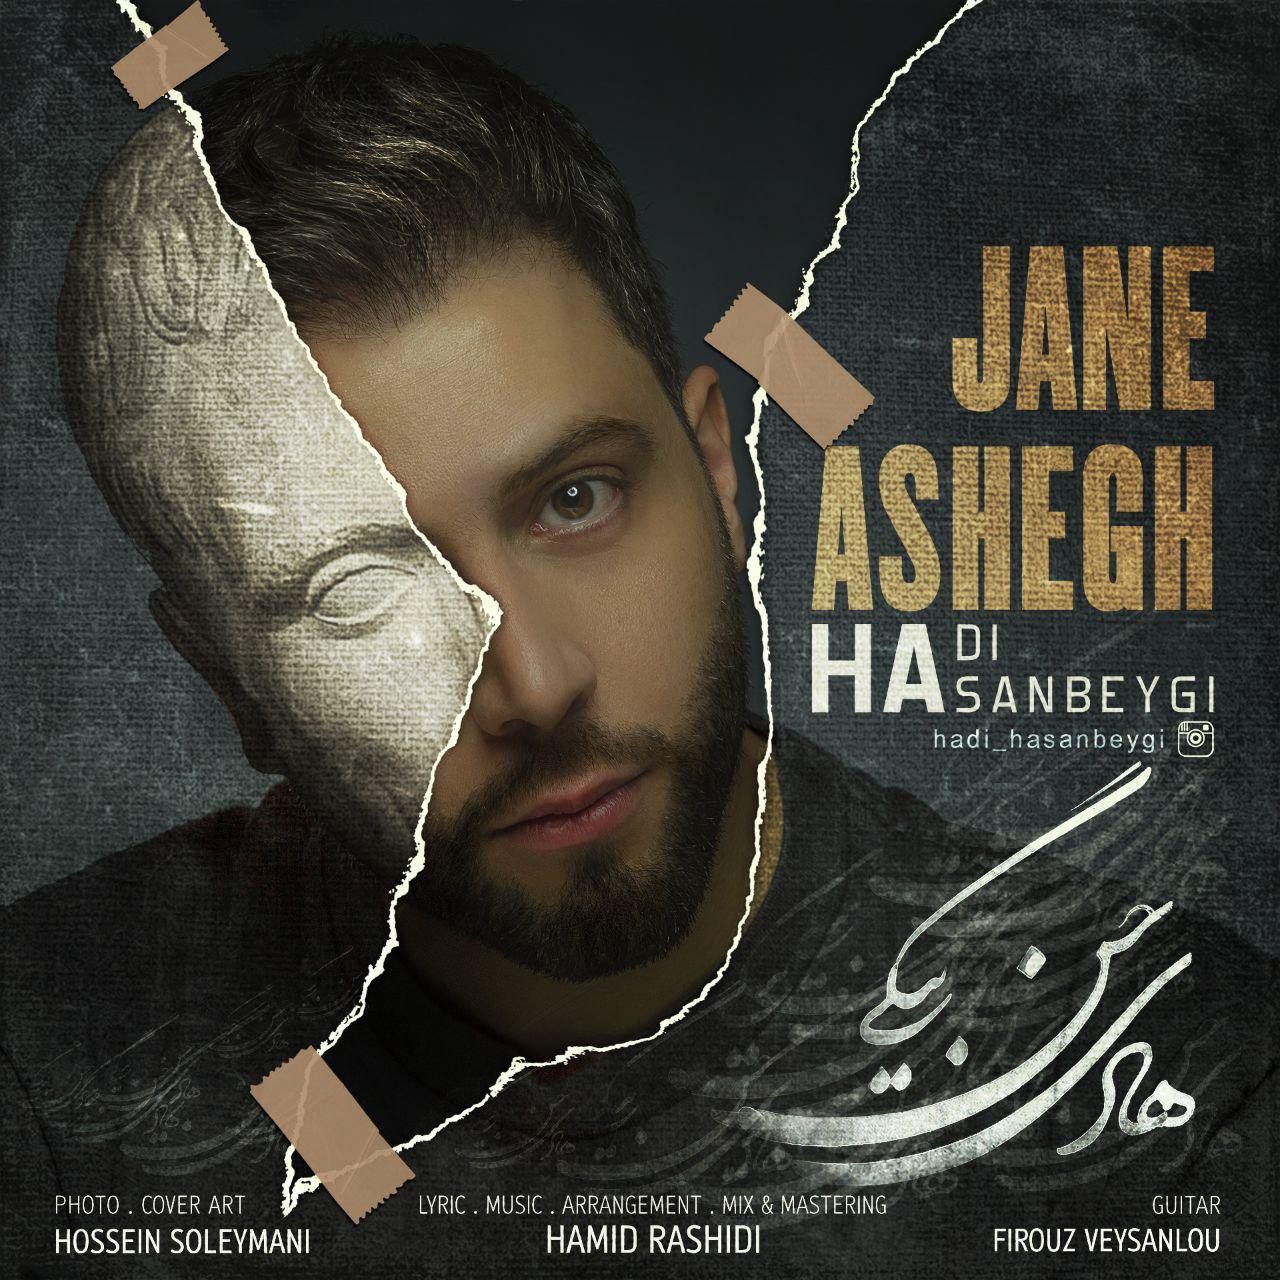 دانلود آهنگ جدید هادی حسن بیگی به نام جان عاشق